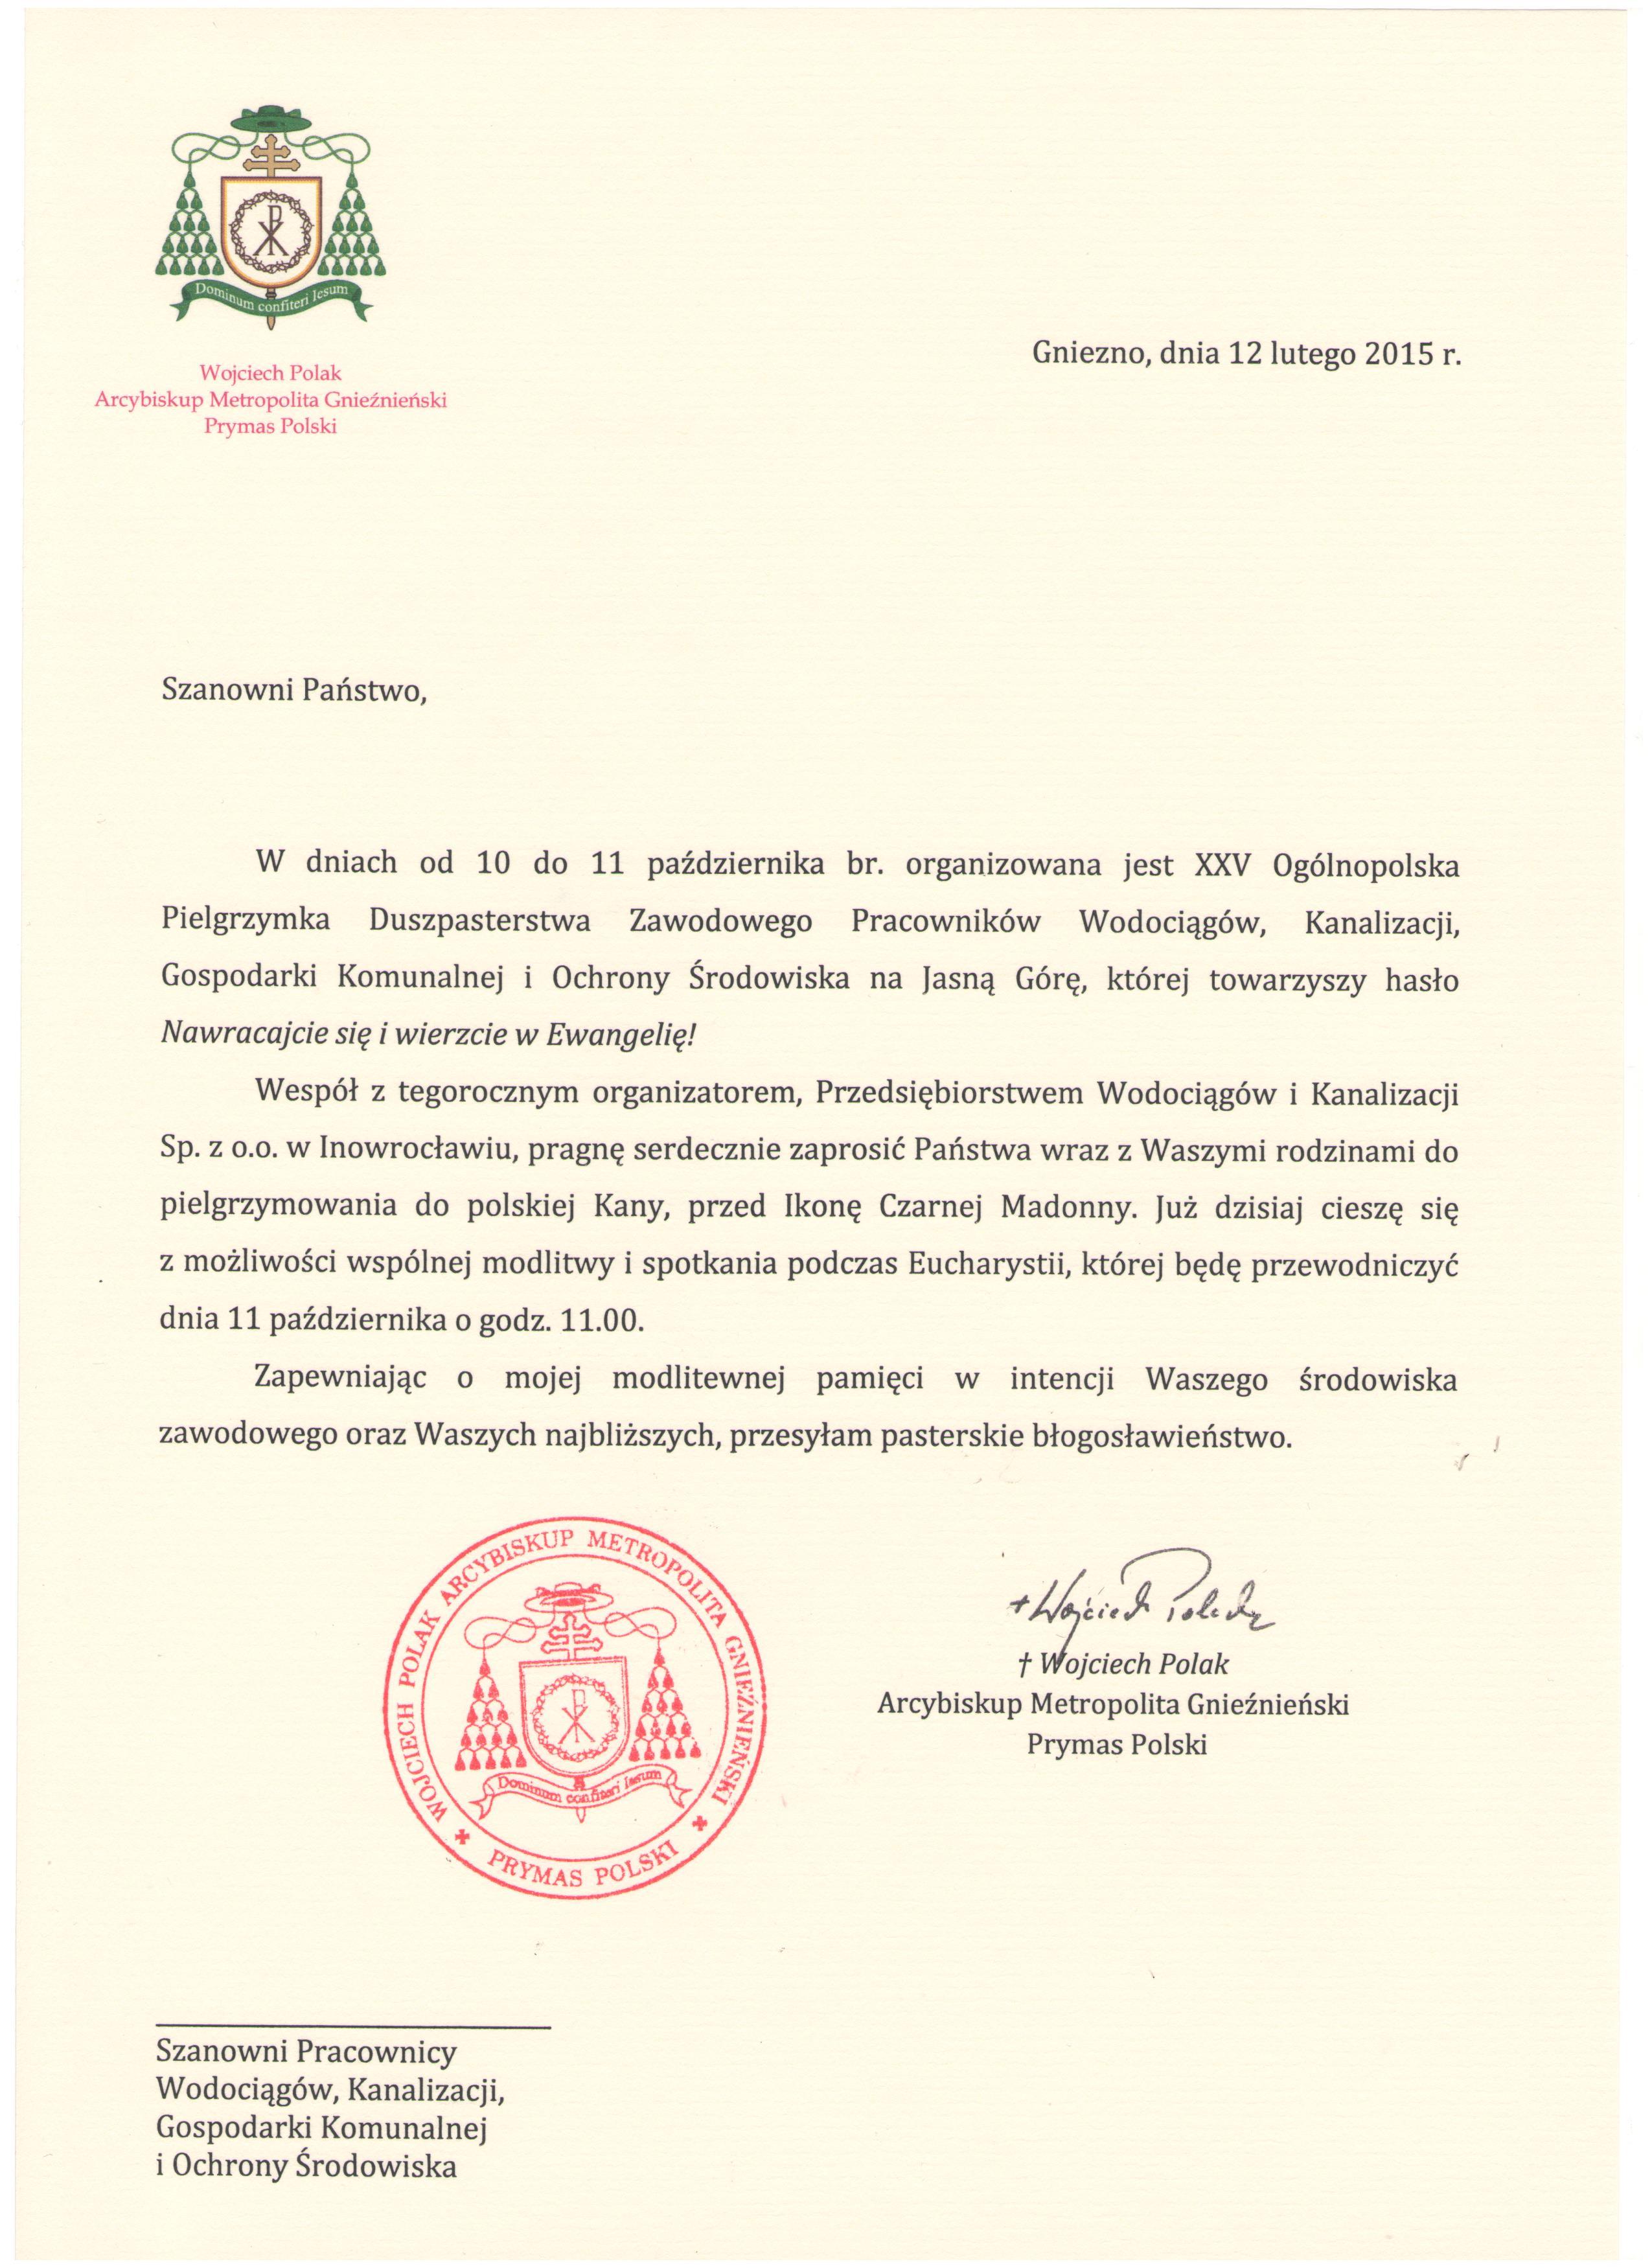 Zaproszenie Prymasa